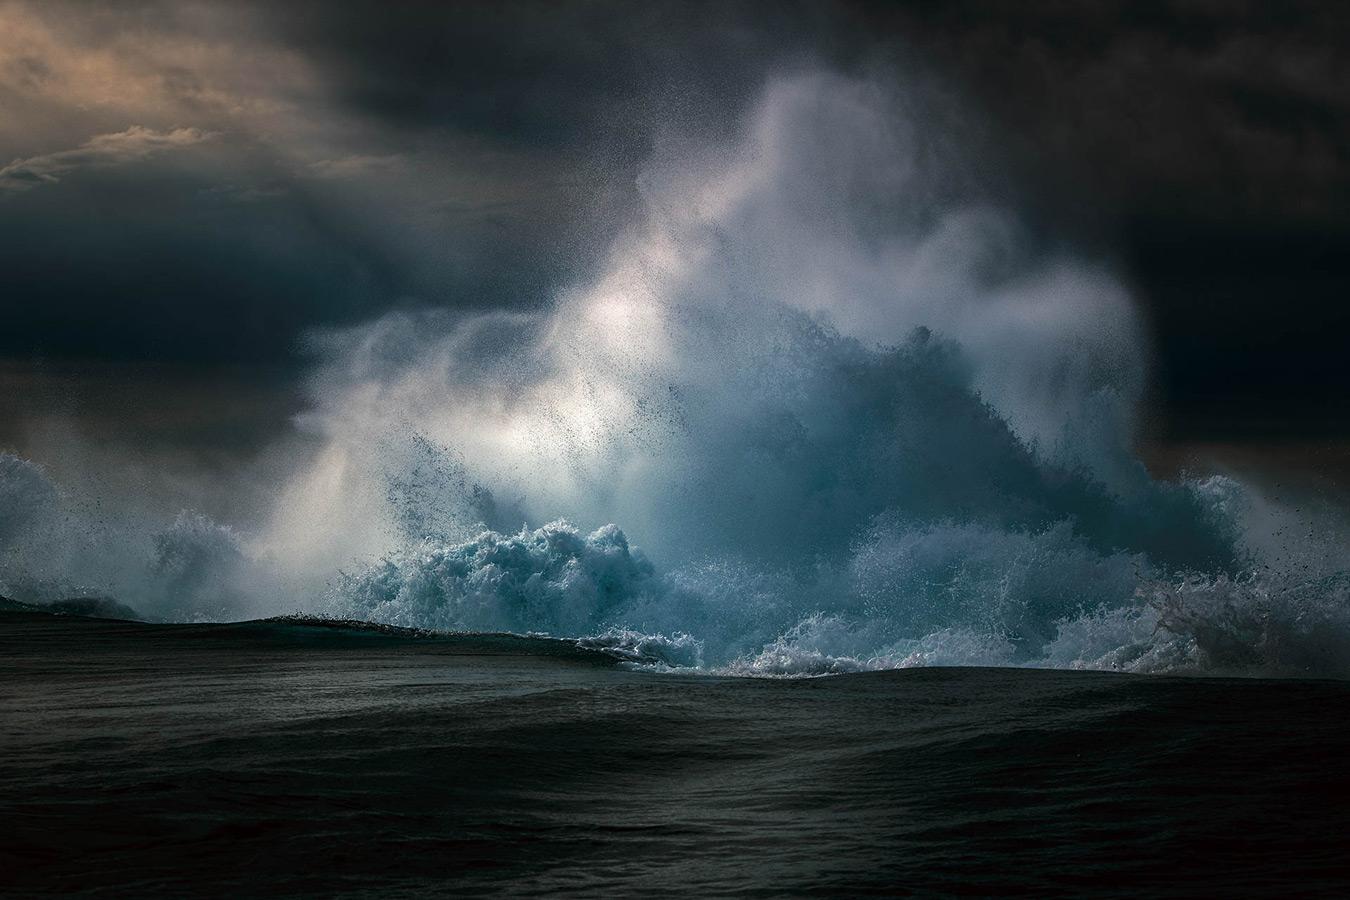 © Рэй Коллинз / Ray Collins, Победитель в категории «Пейзаж», Фотоконкурс Oasis Photo Contest